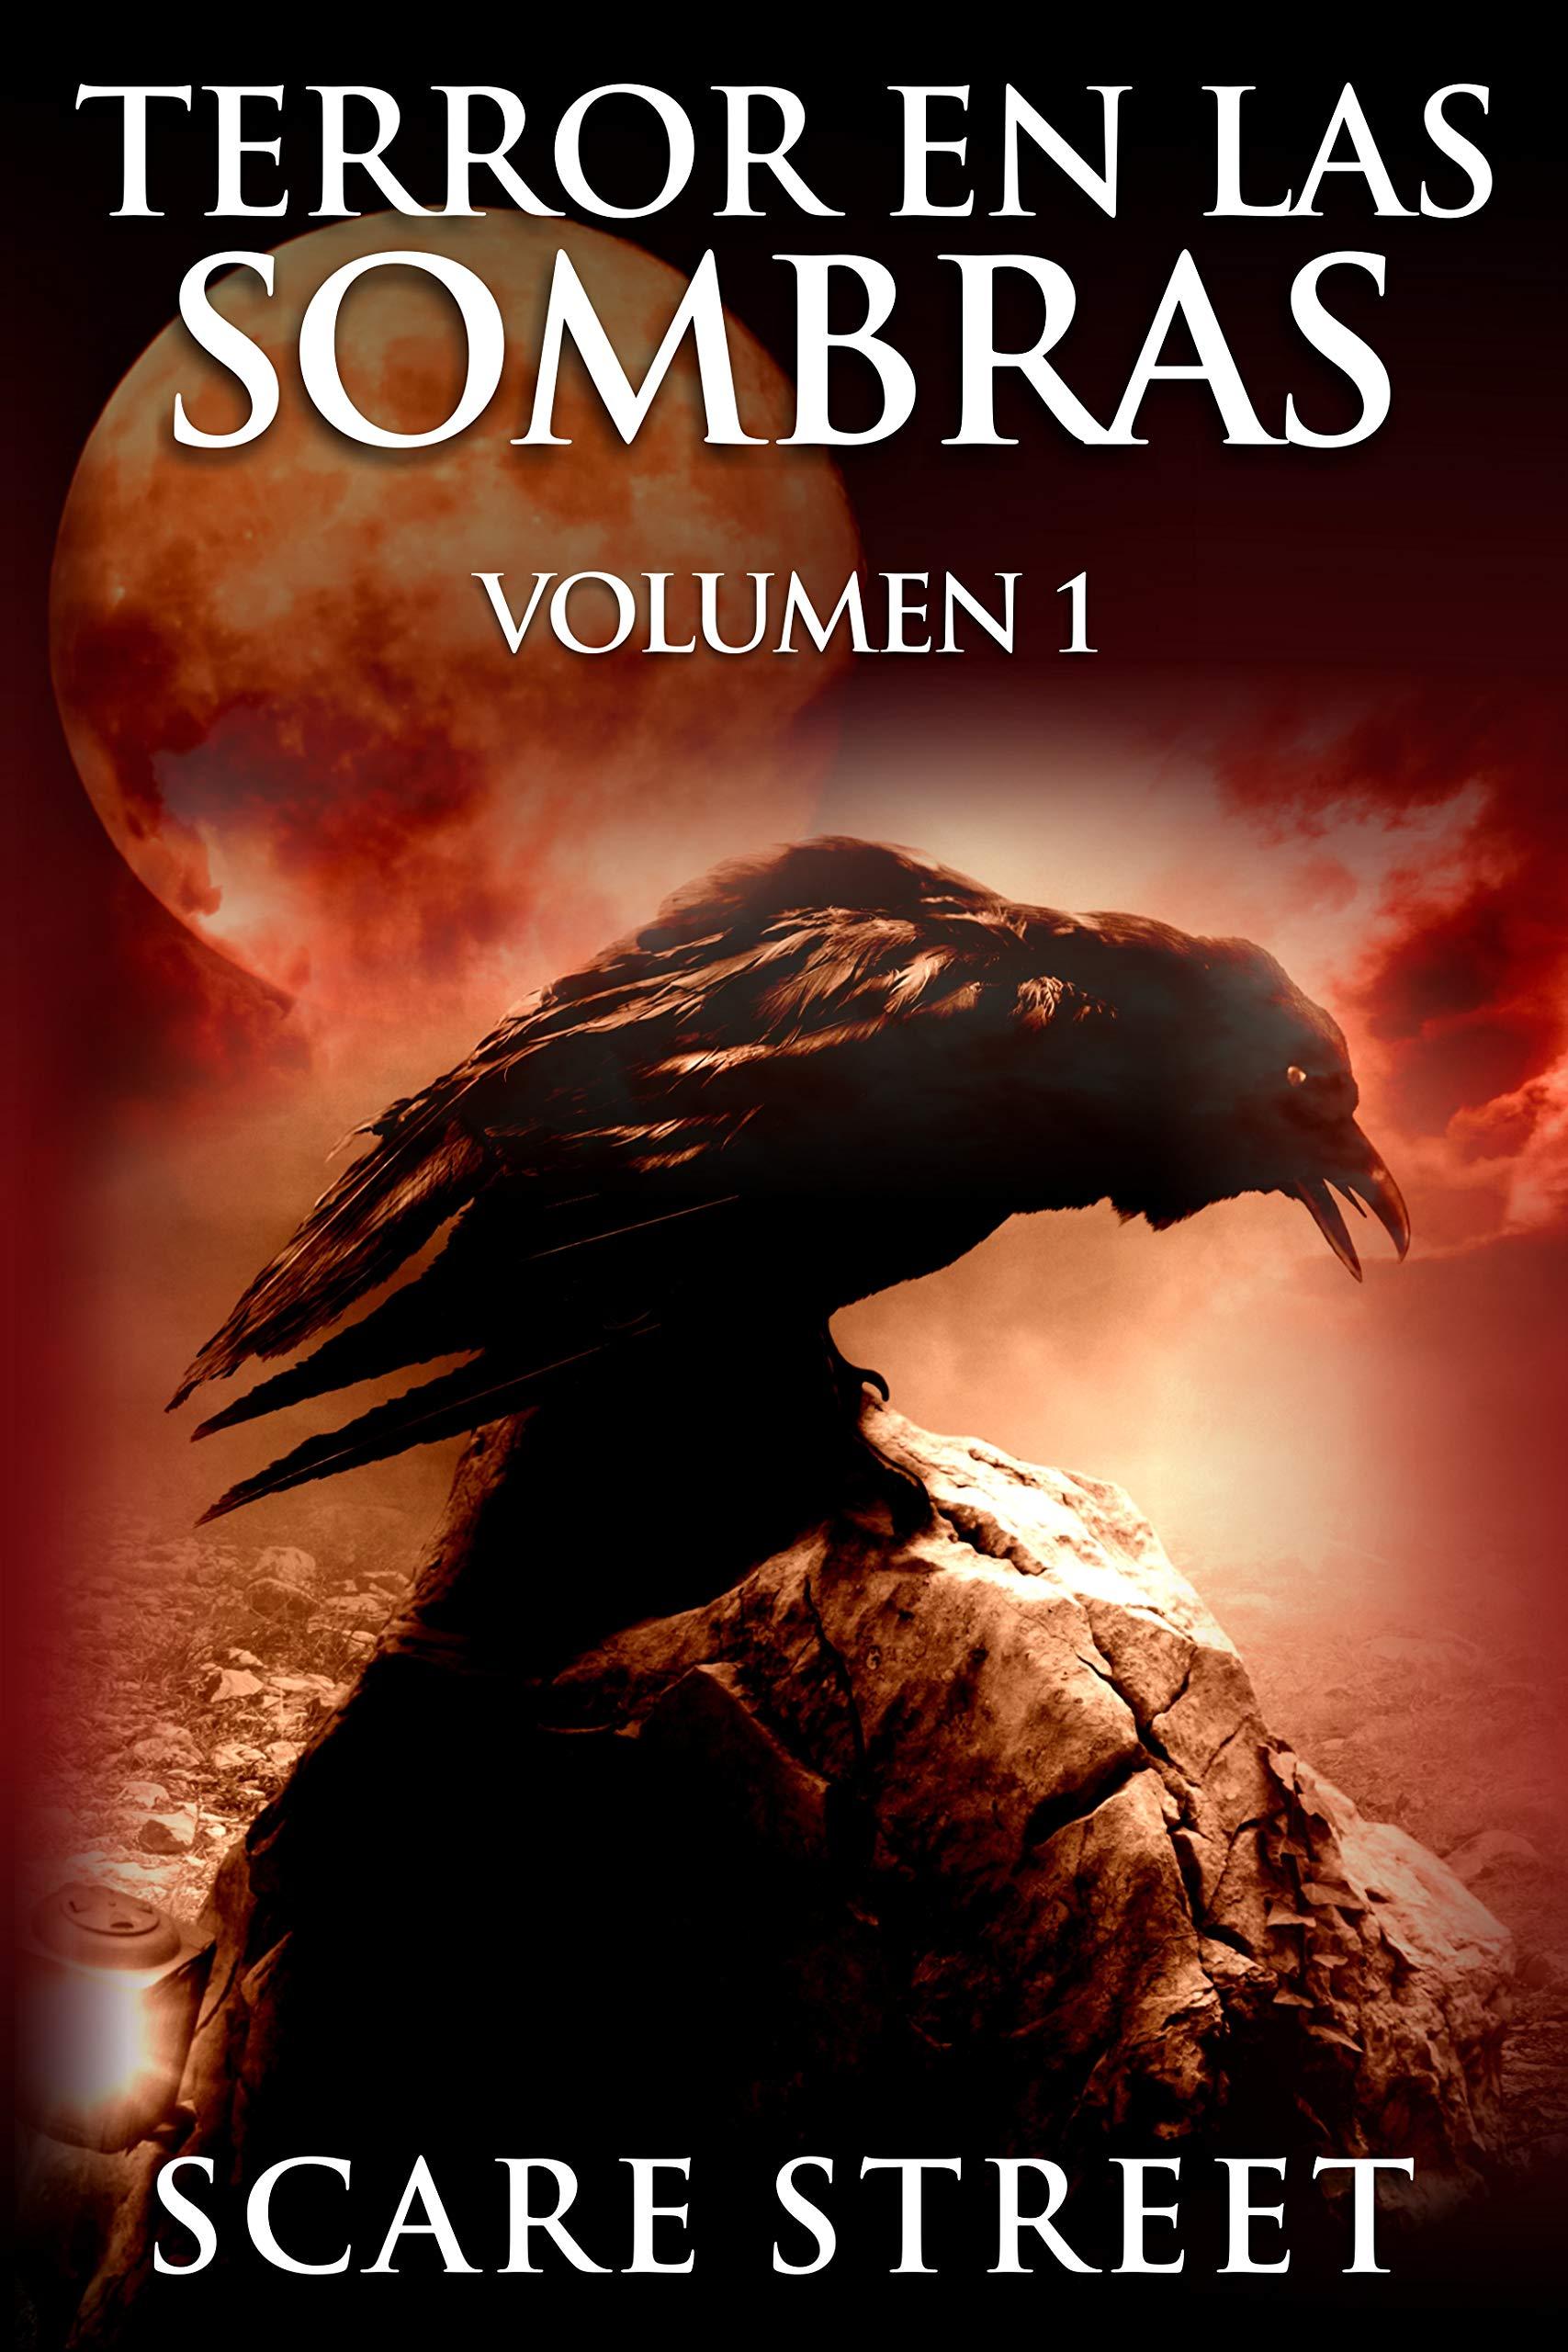 Terror en las sombras vol. 1: Fantasmas espeluznantes, monstruos, demonios, y espantos